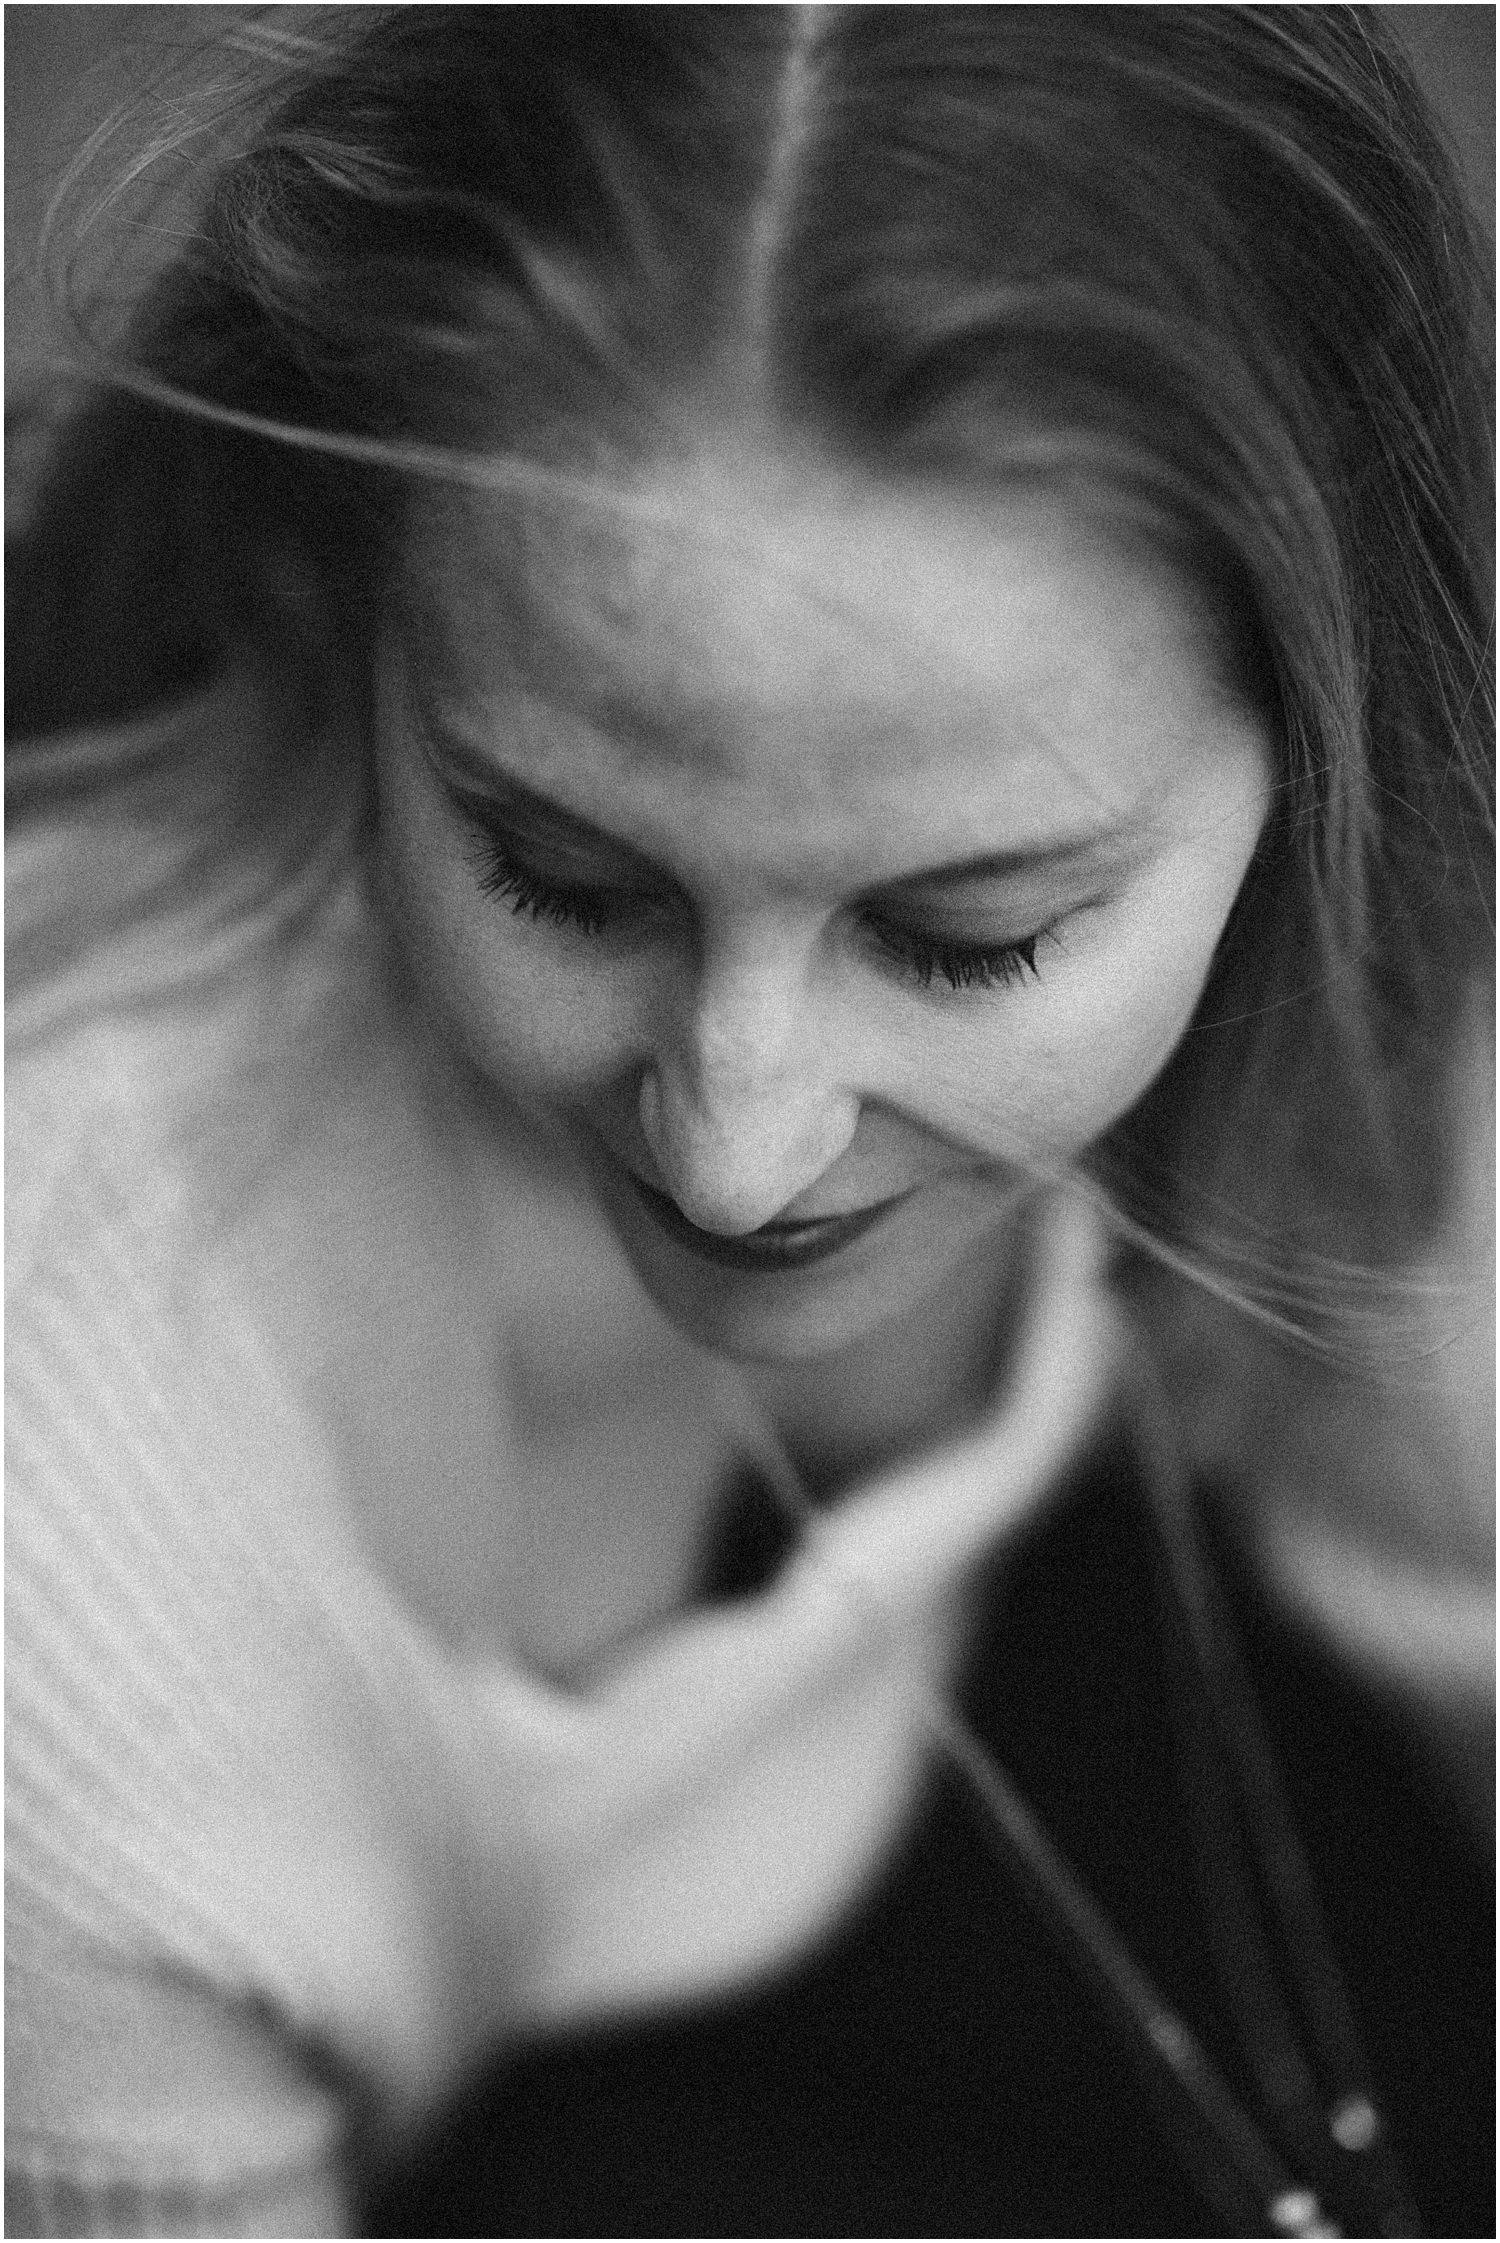 Lachen, Natürliche Portrait, Sich selber sein, du bist perfekt, nichts ändern, gut wie es ist, lachen ist gesund, fotograf ostschweiz, fotograf arbon, fotograf steinach, fotograf bodensee